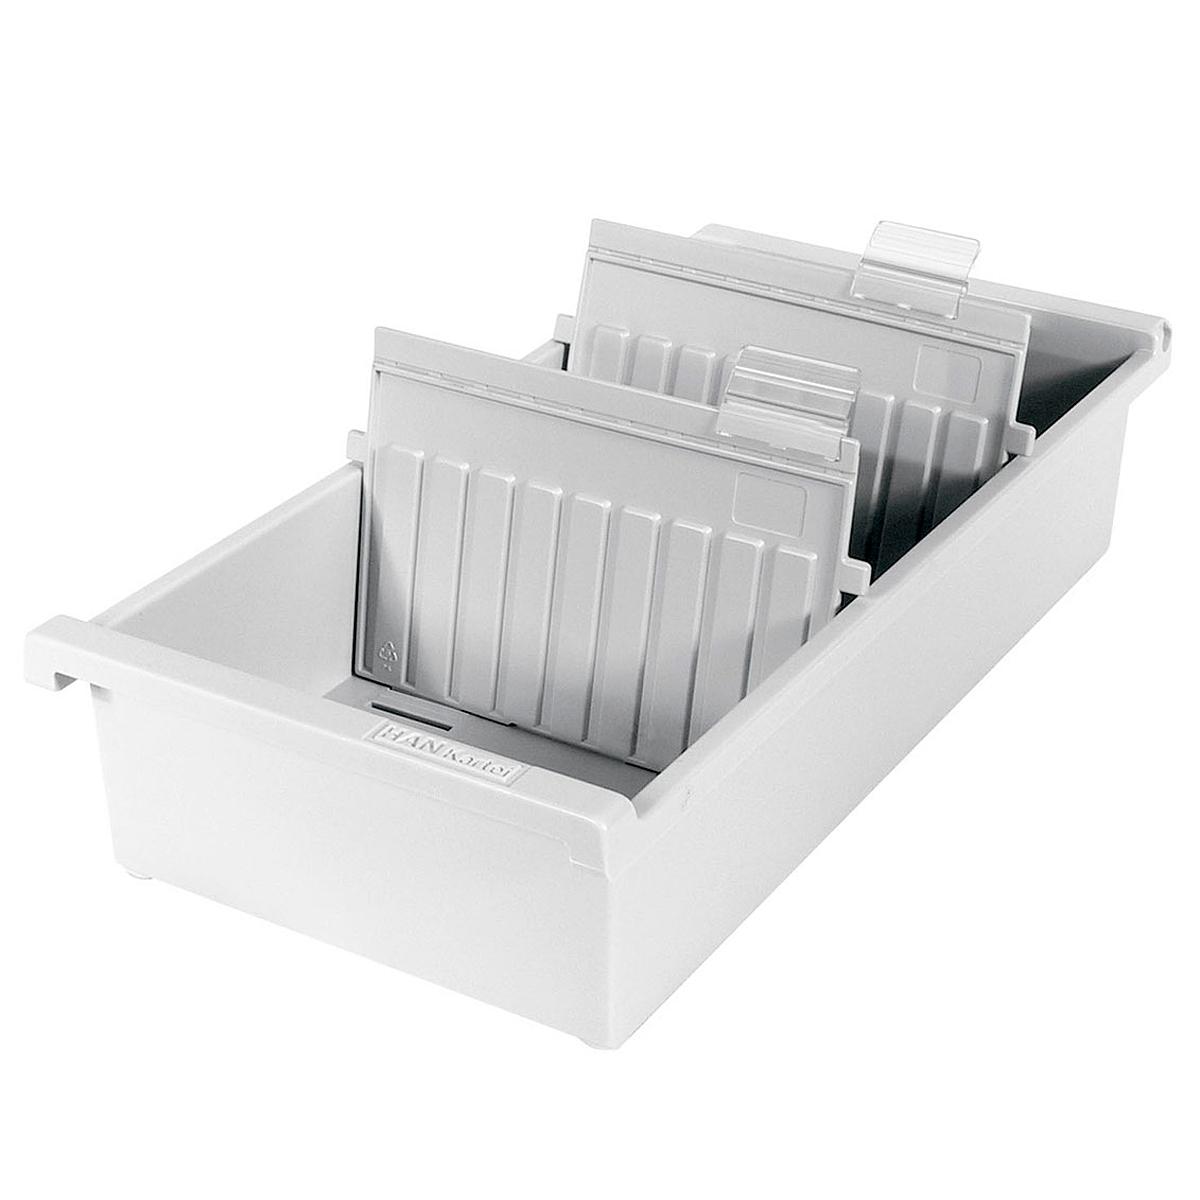 Лоток для бумаг горизонтальный HAN, цвет: светло-серый, формат А7. HA957-0/11HA957-0/11Горизонтальный лоток для бумаг HAN поможет вам навести порядок на столе и сэкономить пространство. Лоток подойдет для карточек формата А7 и меньше.Лоток состоит из 3 вместительных секций, и, благодаря оригинальному дизайну и классической форме, органично впишется в любой интерьер. В комплект входят 2 прозрачных ярлыка и 2 пластиковых съемных разделителя, всего лоток оснащен вырубками для 26 разделителей. Таким образом, можно изменять размер секций, что позволяет настроить лоток так, как будет удобно именно вам.Лоток изготовлен из антистатического ударопрочного пластика. Лоток имеет ножки, предотвращающие скольжение по столу и обеспечивающие необходимую устойчивость.Благодаря лотку для бумаг, важные бумаги и документы не потеряются и всегда будут под рукой.